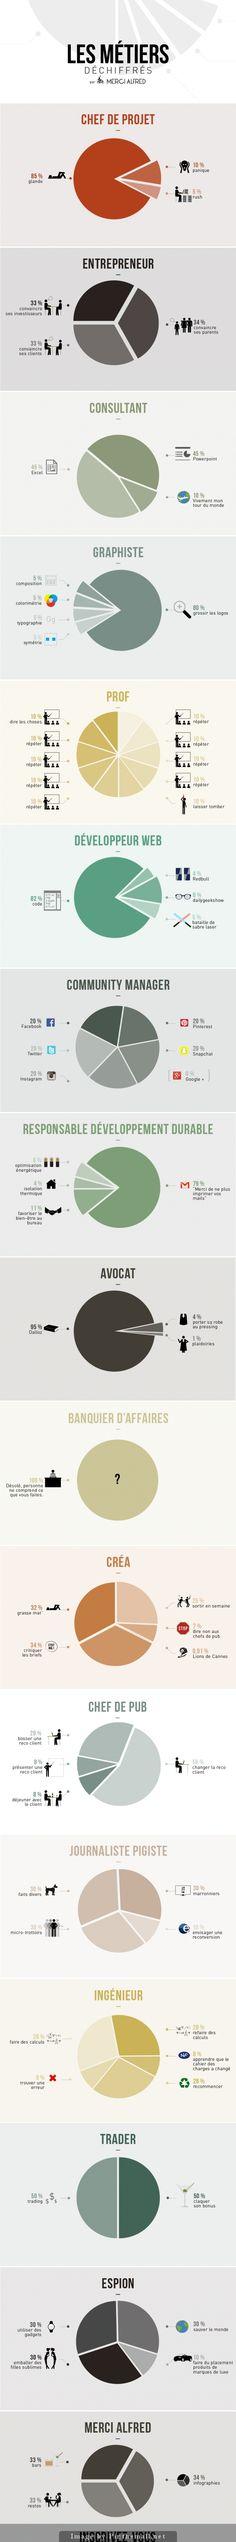 Infographie des métiers dechiffrés - Mercialfred - created via http://pinthemall.net